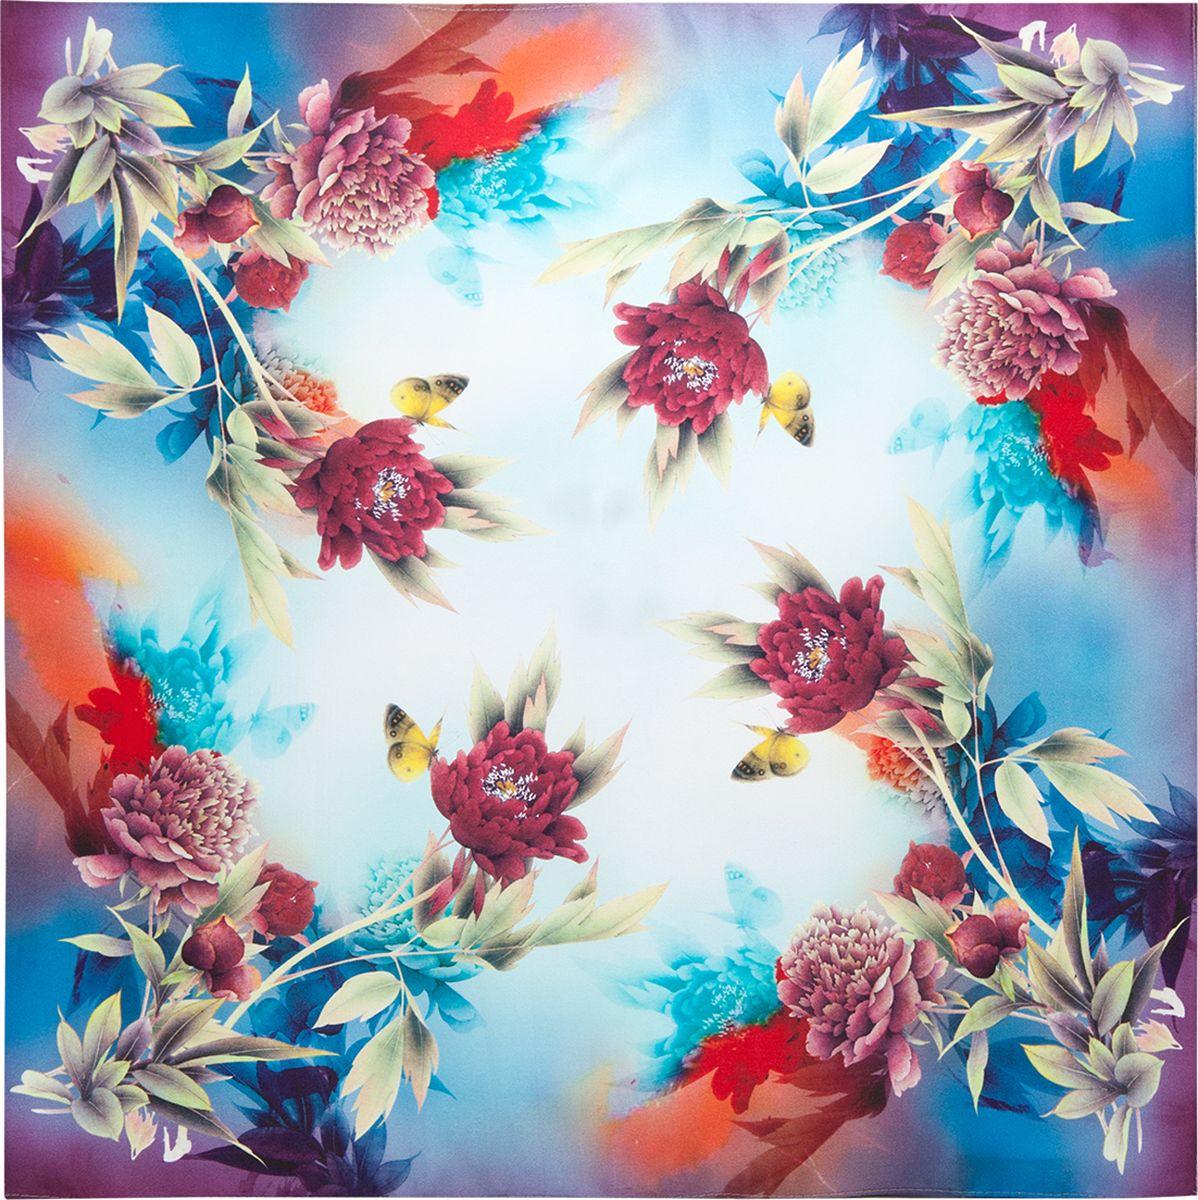 ПлатокSS03-7870Платок Eleganzza, выполненный из шелка, внесет яркий акцент в романтический образ. Модель оформлена цветочным принтом. Классическая квадратная форма позволяет носить платок на шее, украшать им прическу или декорировать сумочку.